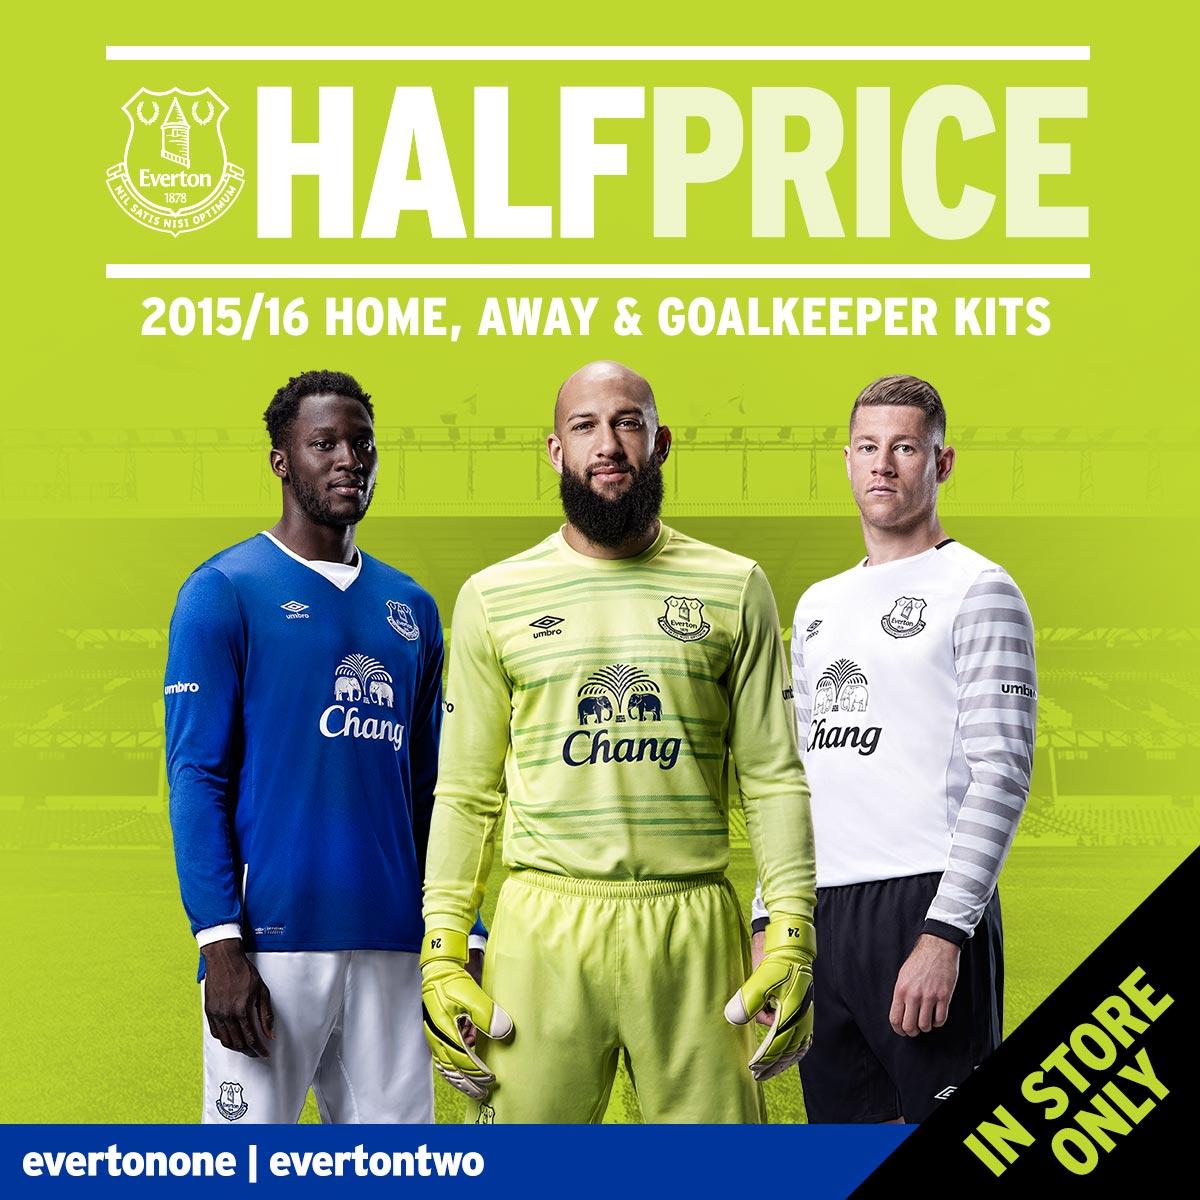 89577c811 Everton on Twitter